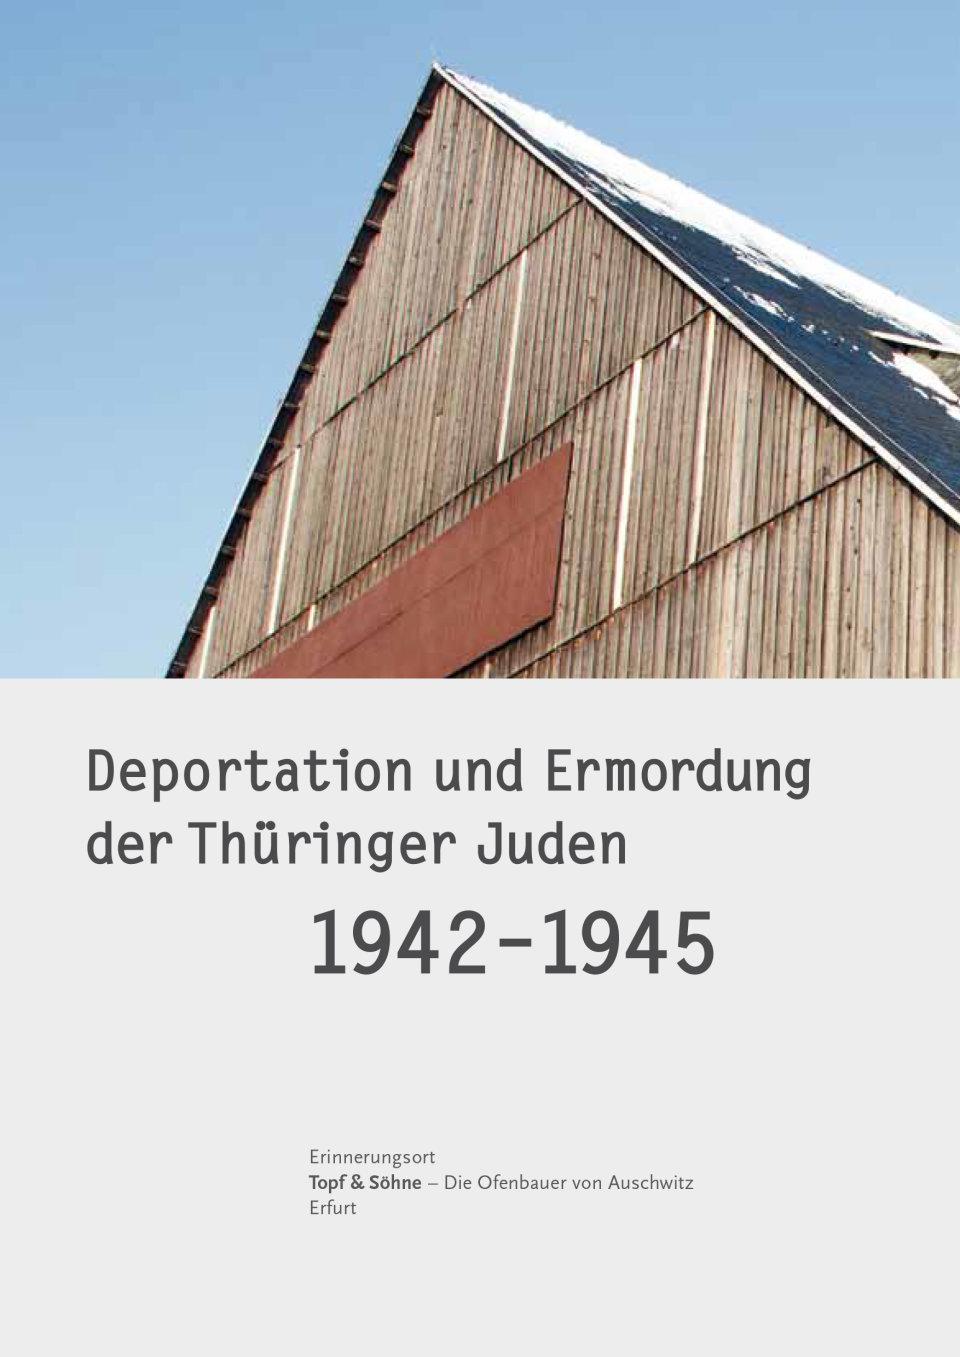 Ofenbauer Berlin begleitband zur sonderausstellung entkommen 1942 1945 berlin und